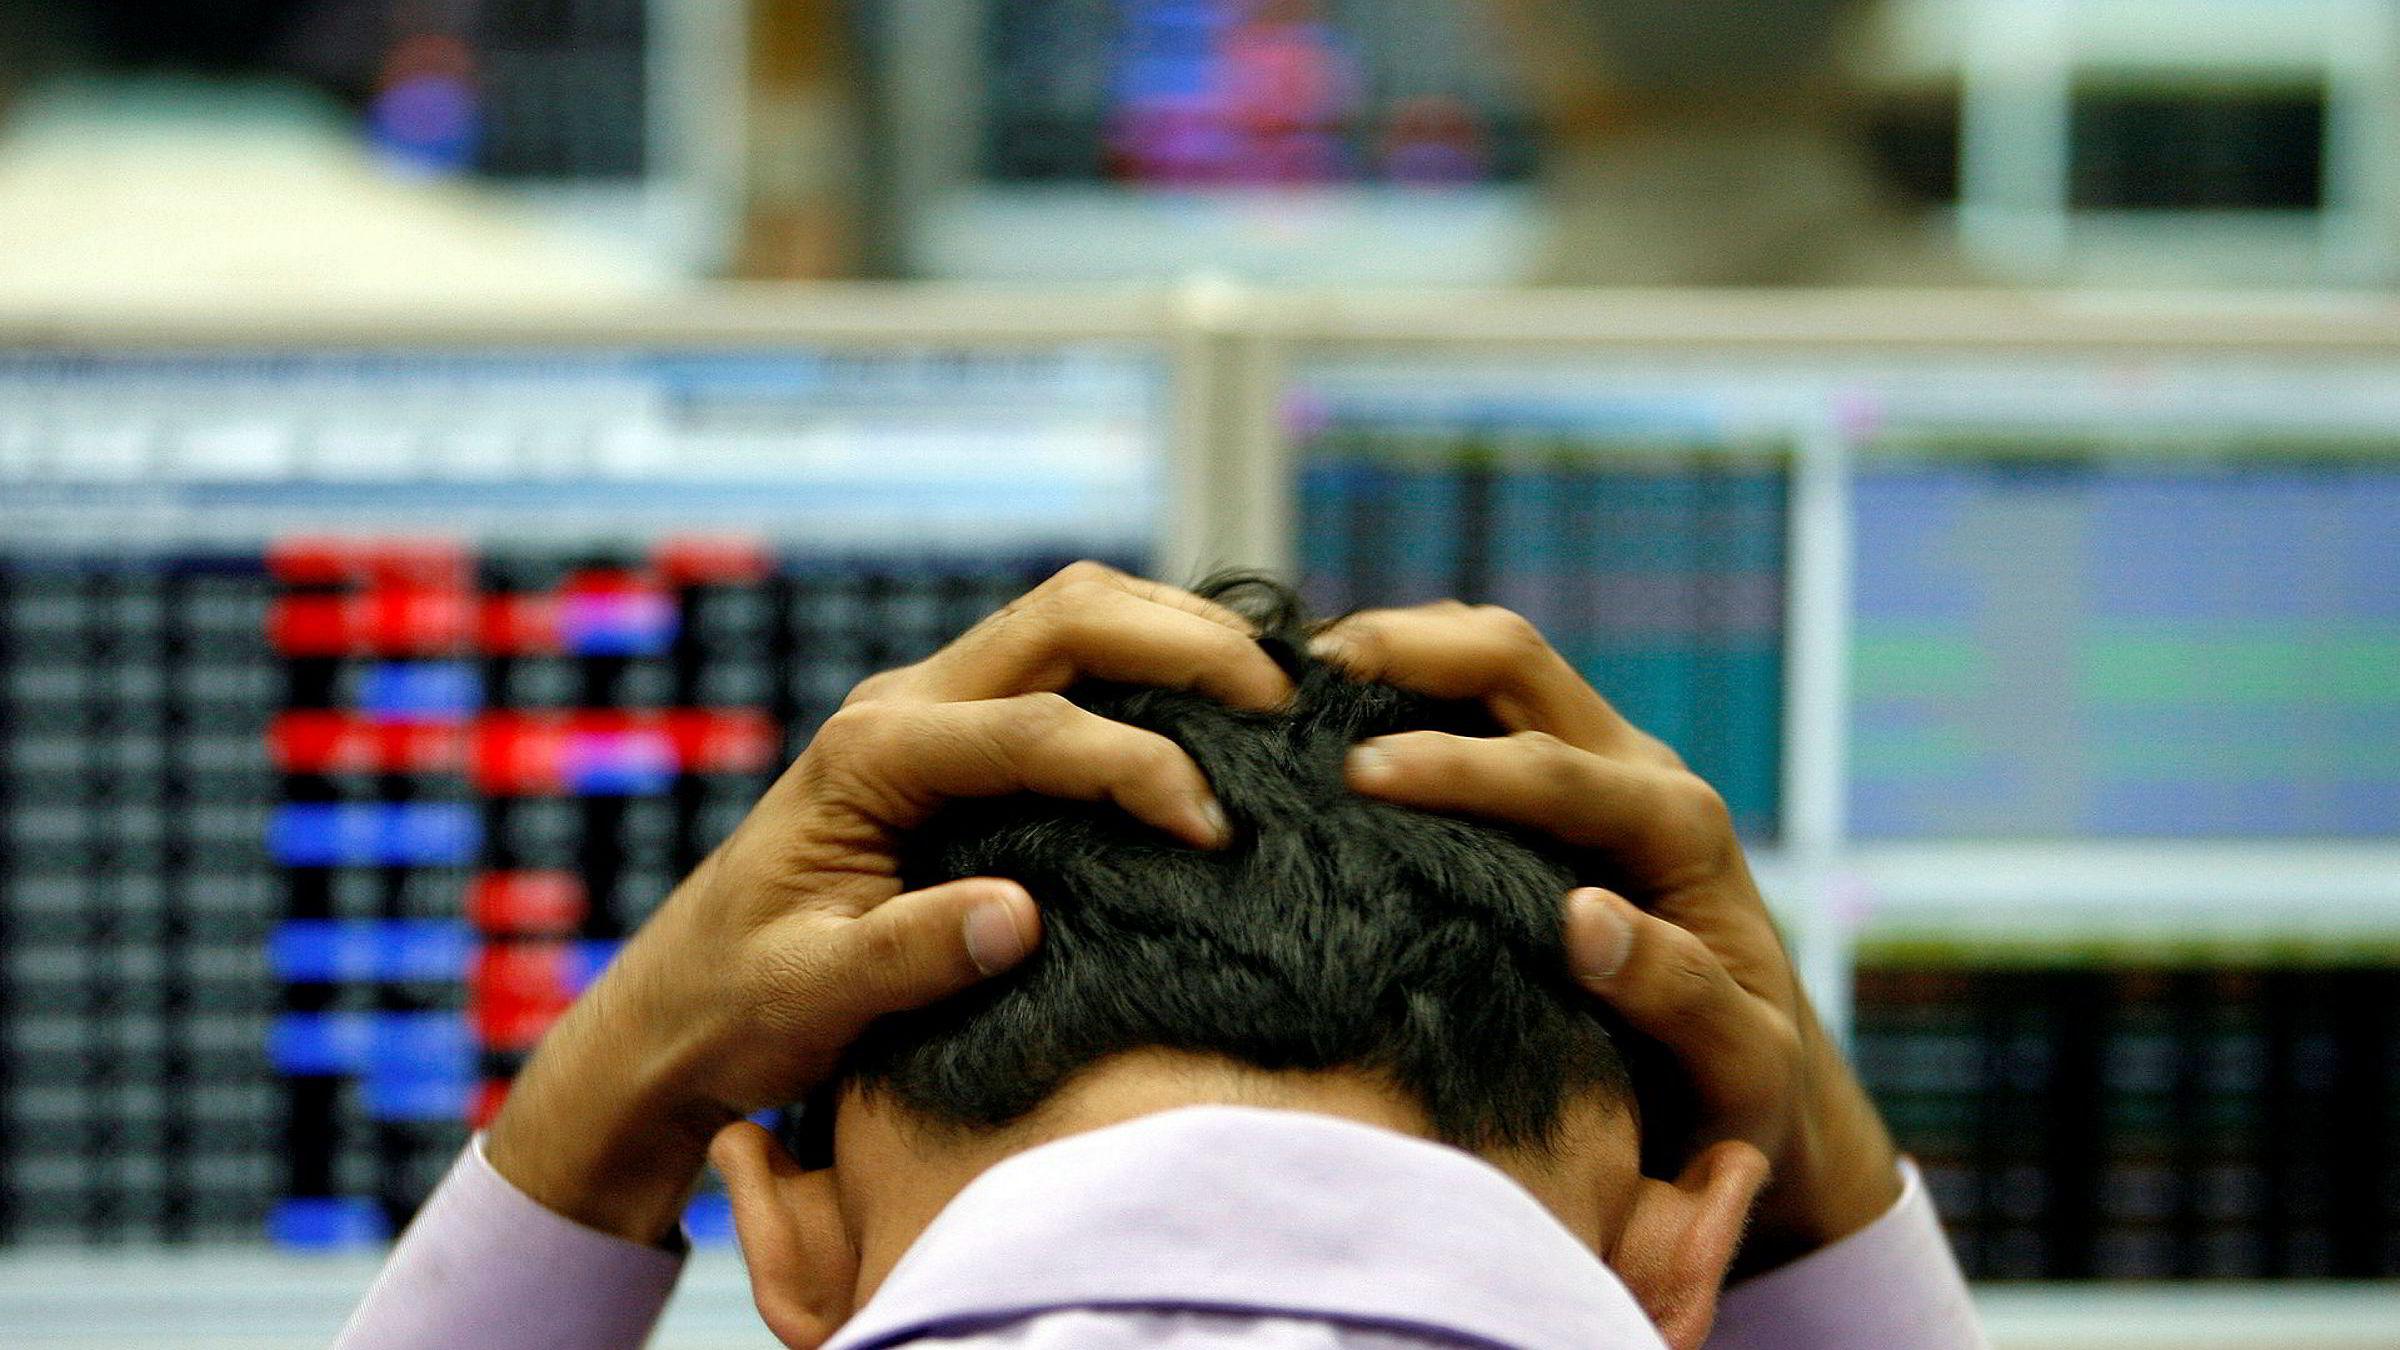 Investorene bør forberede seg for et stort sjokk, mener EQT-sjef Thomas von Koch. Illustrasjonsfoto.